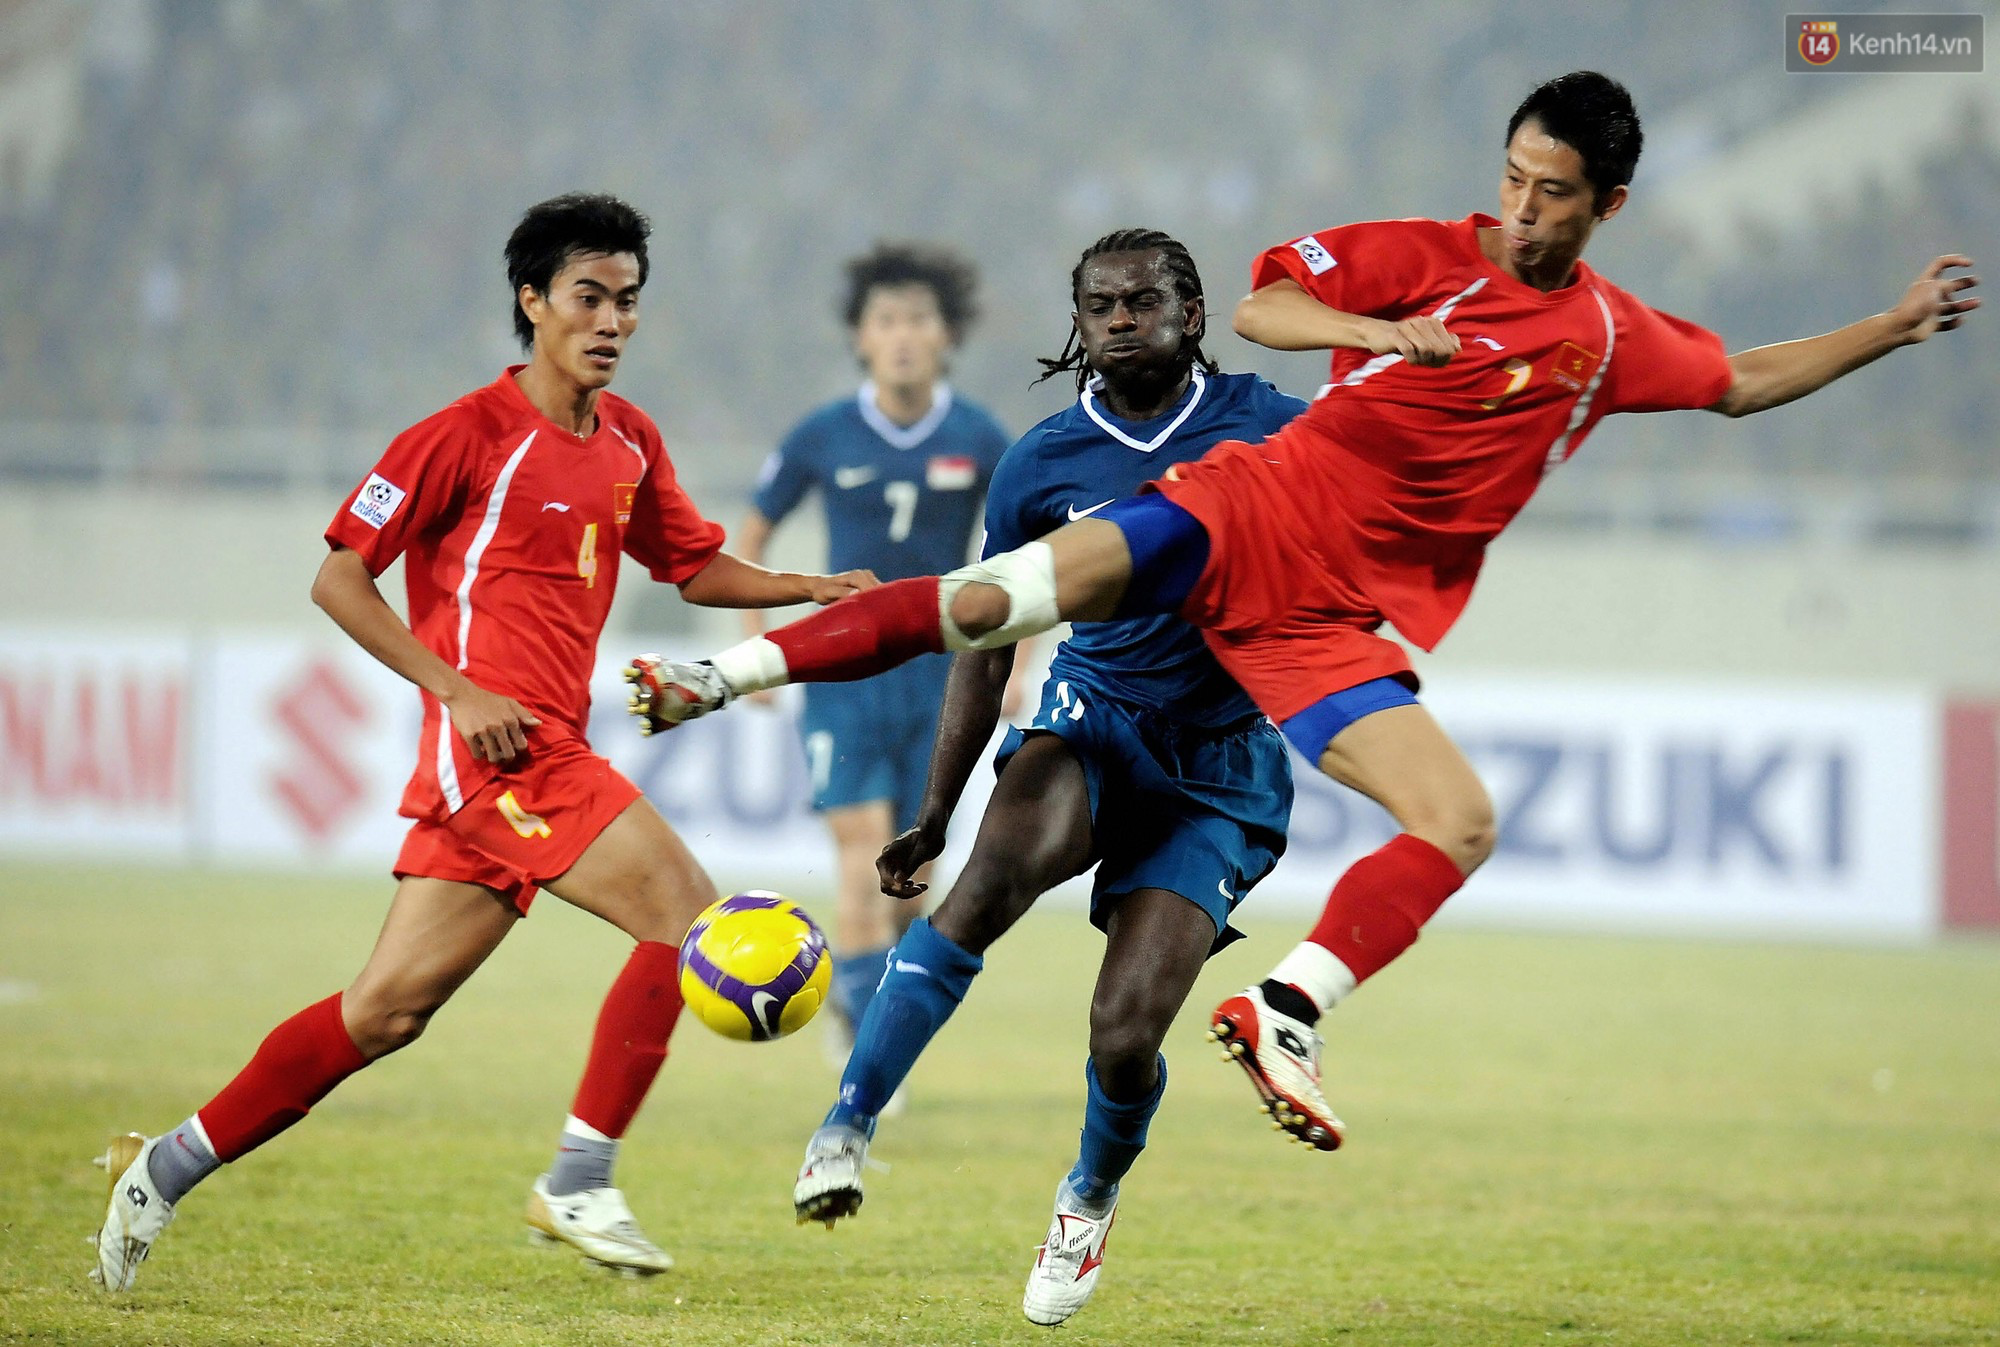 ĐT Việt Nam đang phải đối mặt 2 cái dớp trước trận bán kết lượt về AFF Cup 2018 - Ảnh 1.